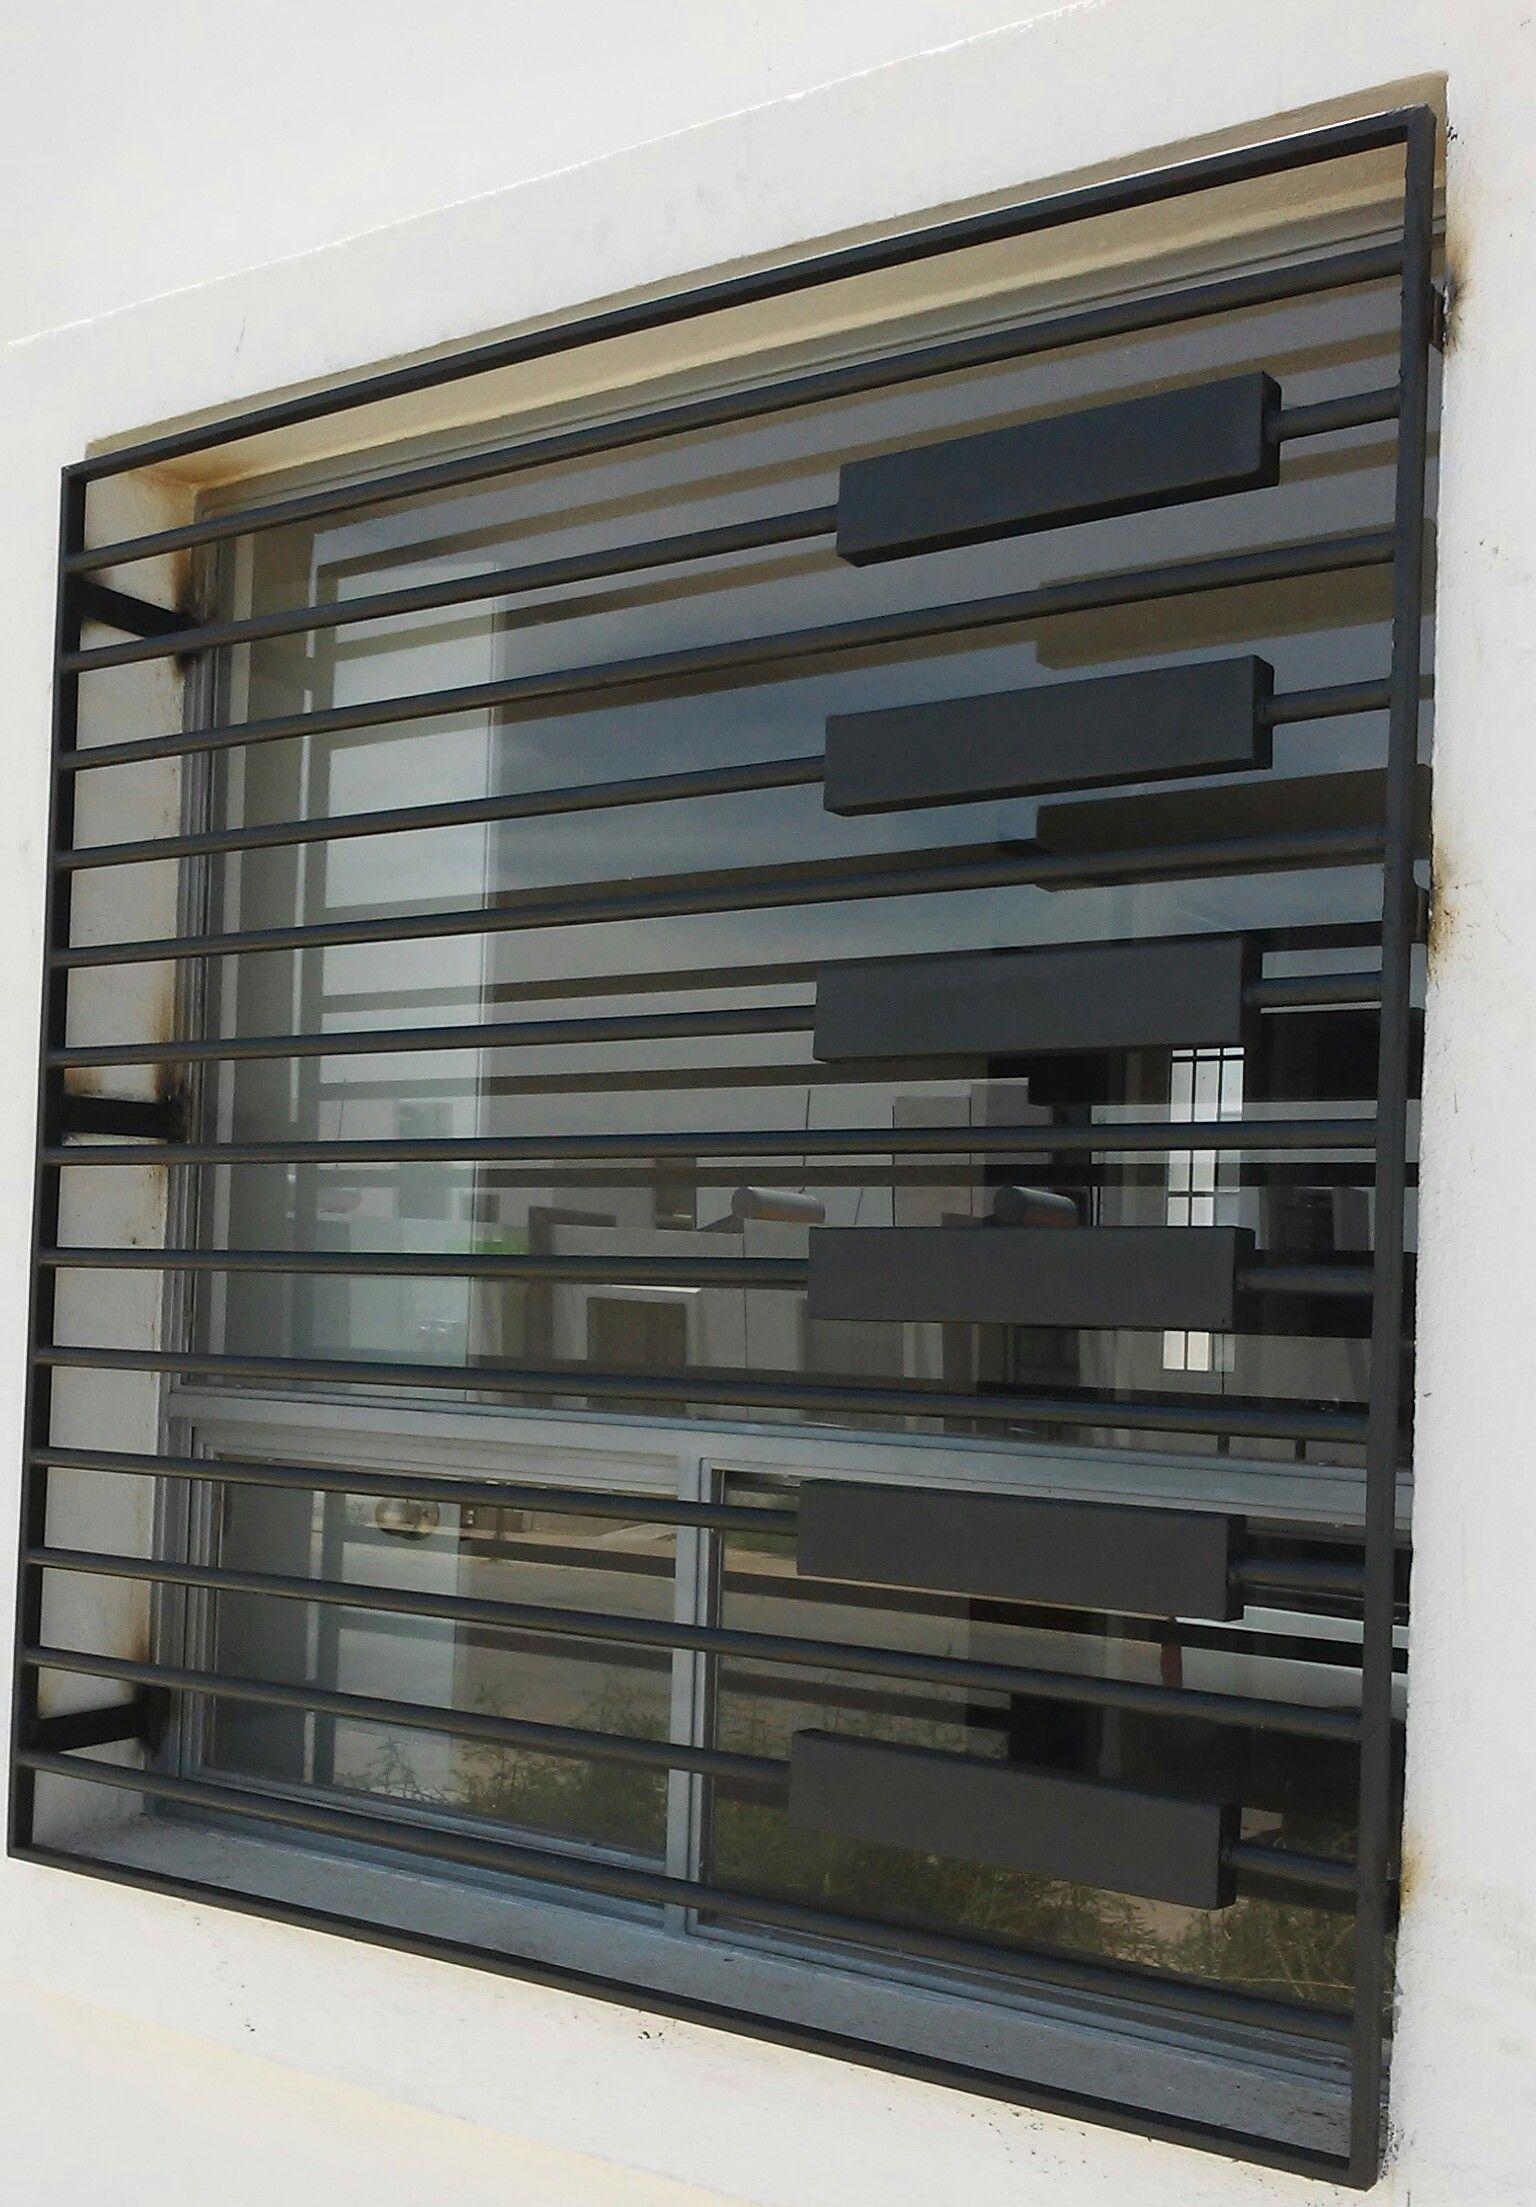 Proteccion de ventana villas buganvilia mis trabajos de herreria pinterest protecciones - Proteccion para casas ...